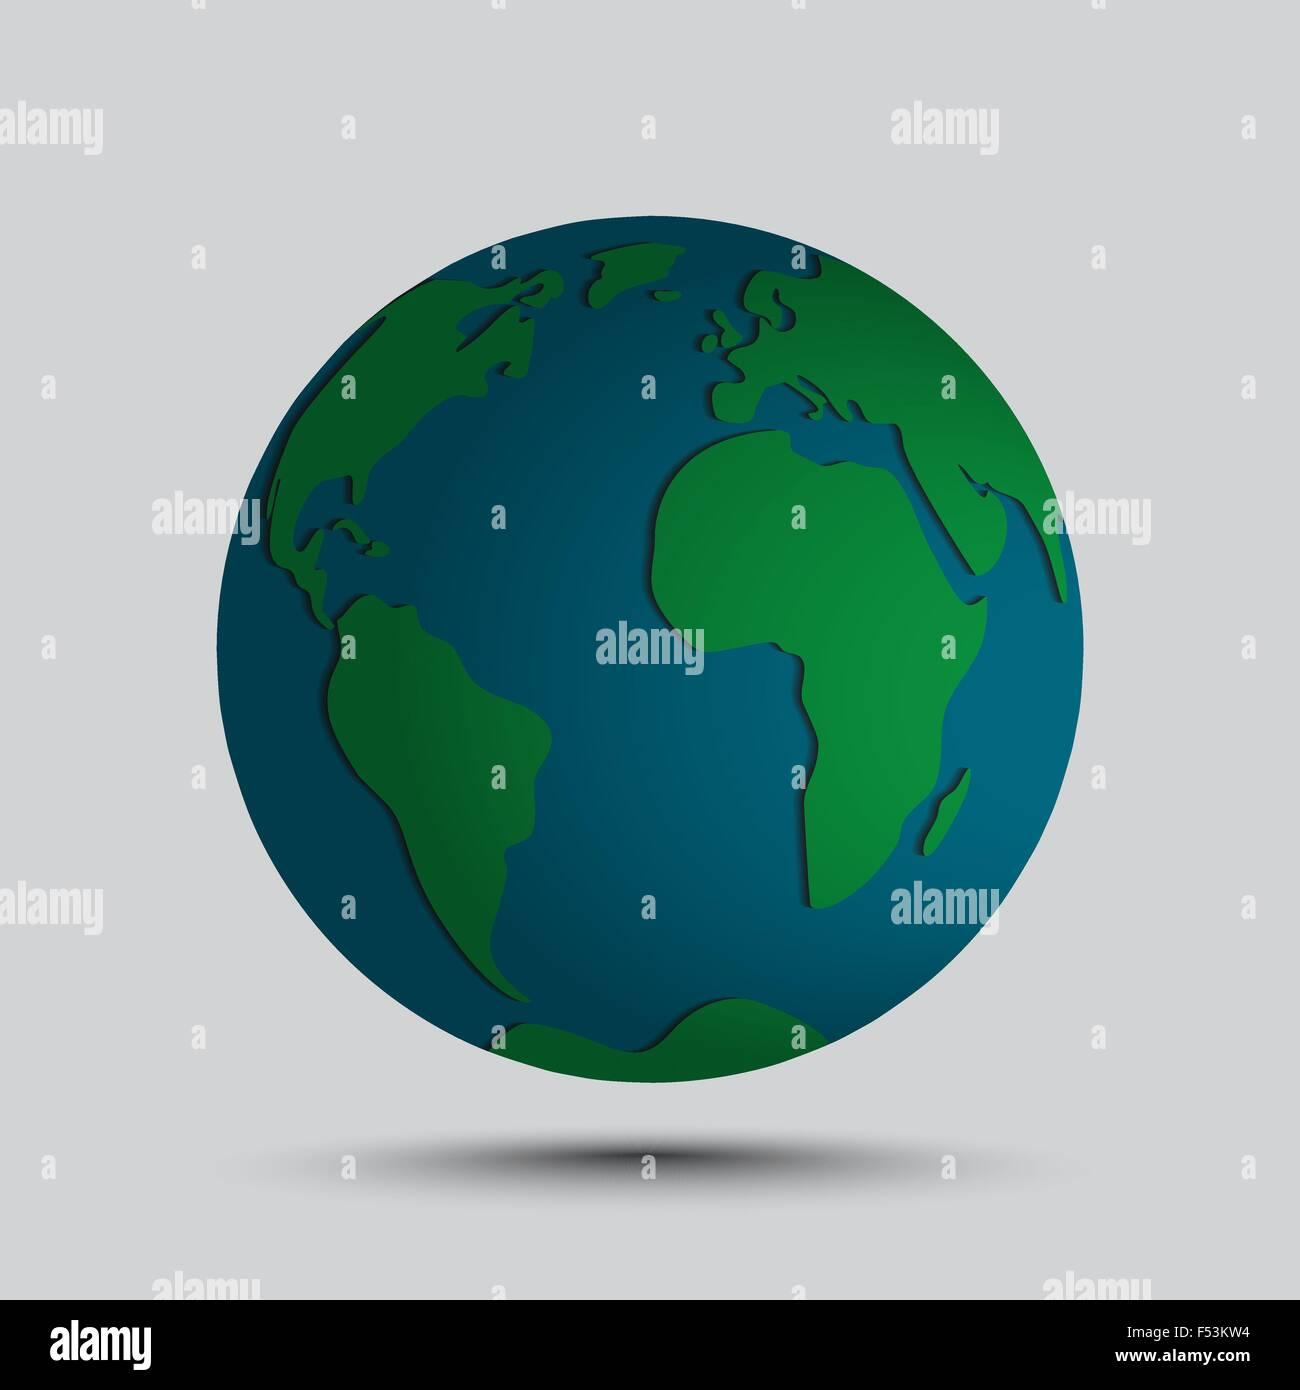 Vereinfachte Vektor Karte Globussymbol mit einfachen geprägte Kontinente der Welt. Stockbild